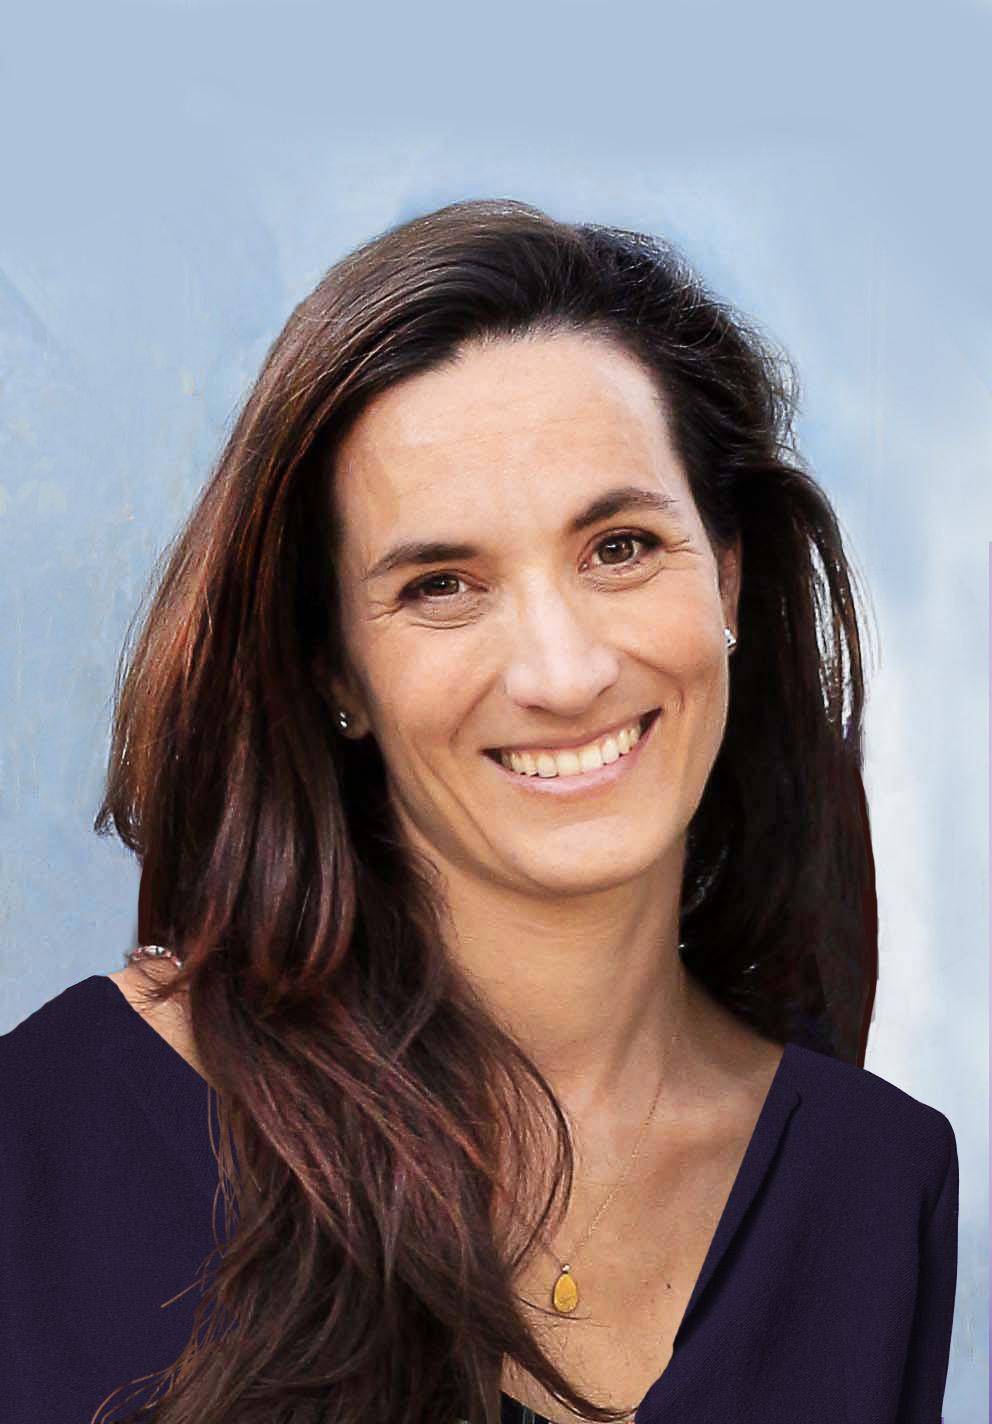 Zeremonienleiterin Anka Wessely von Traumich.ch